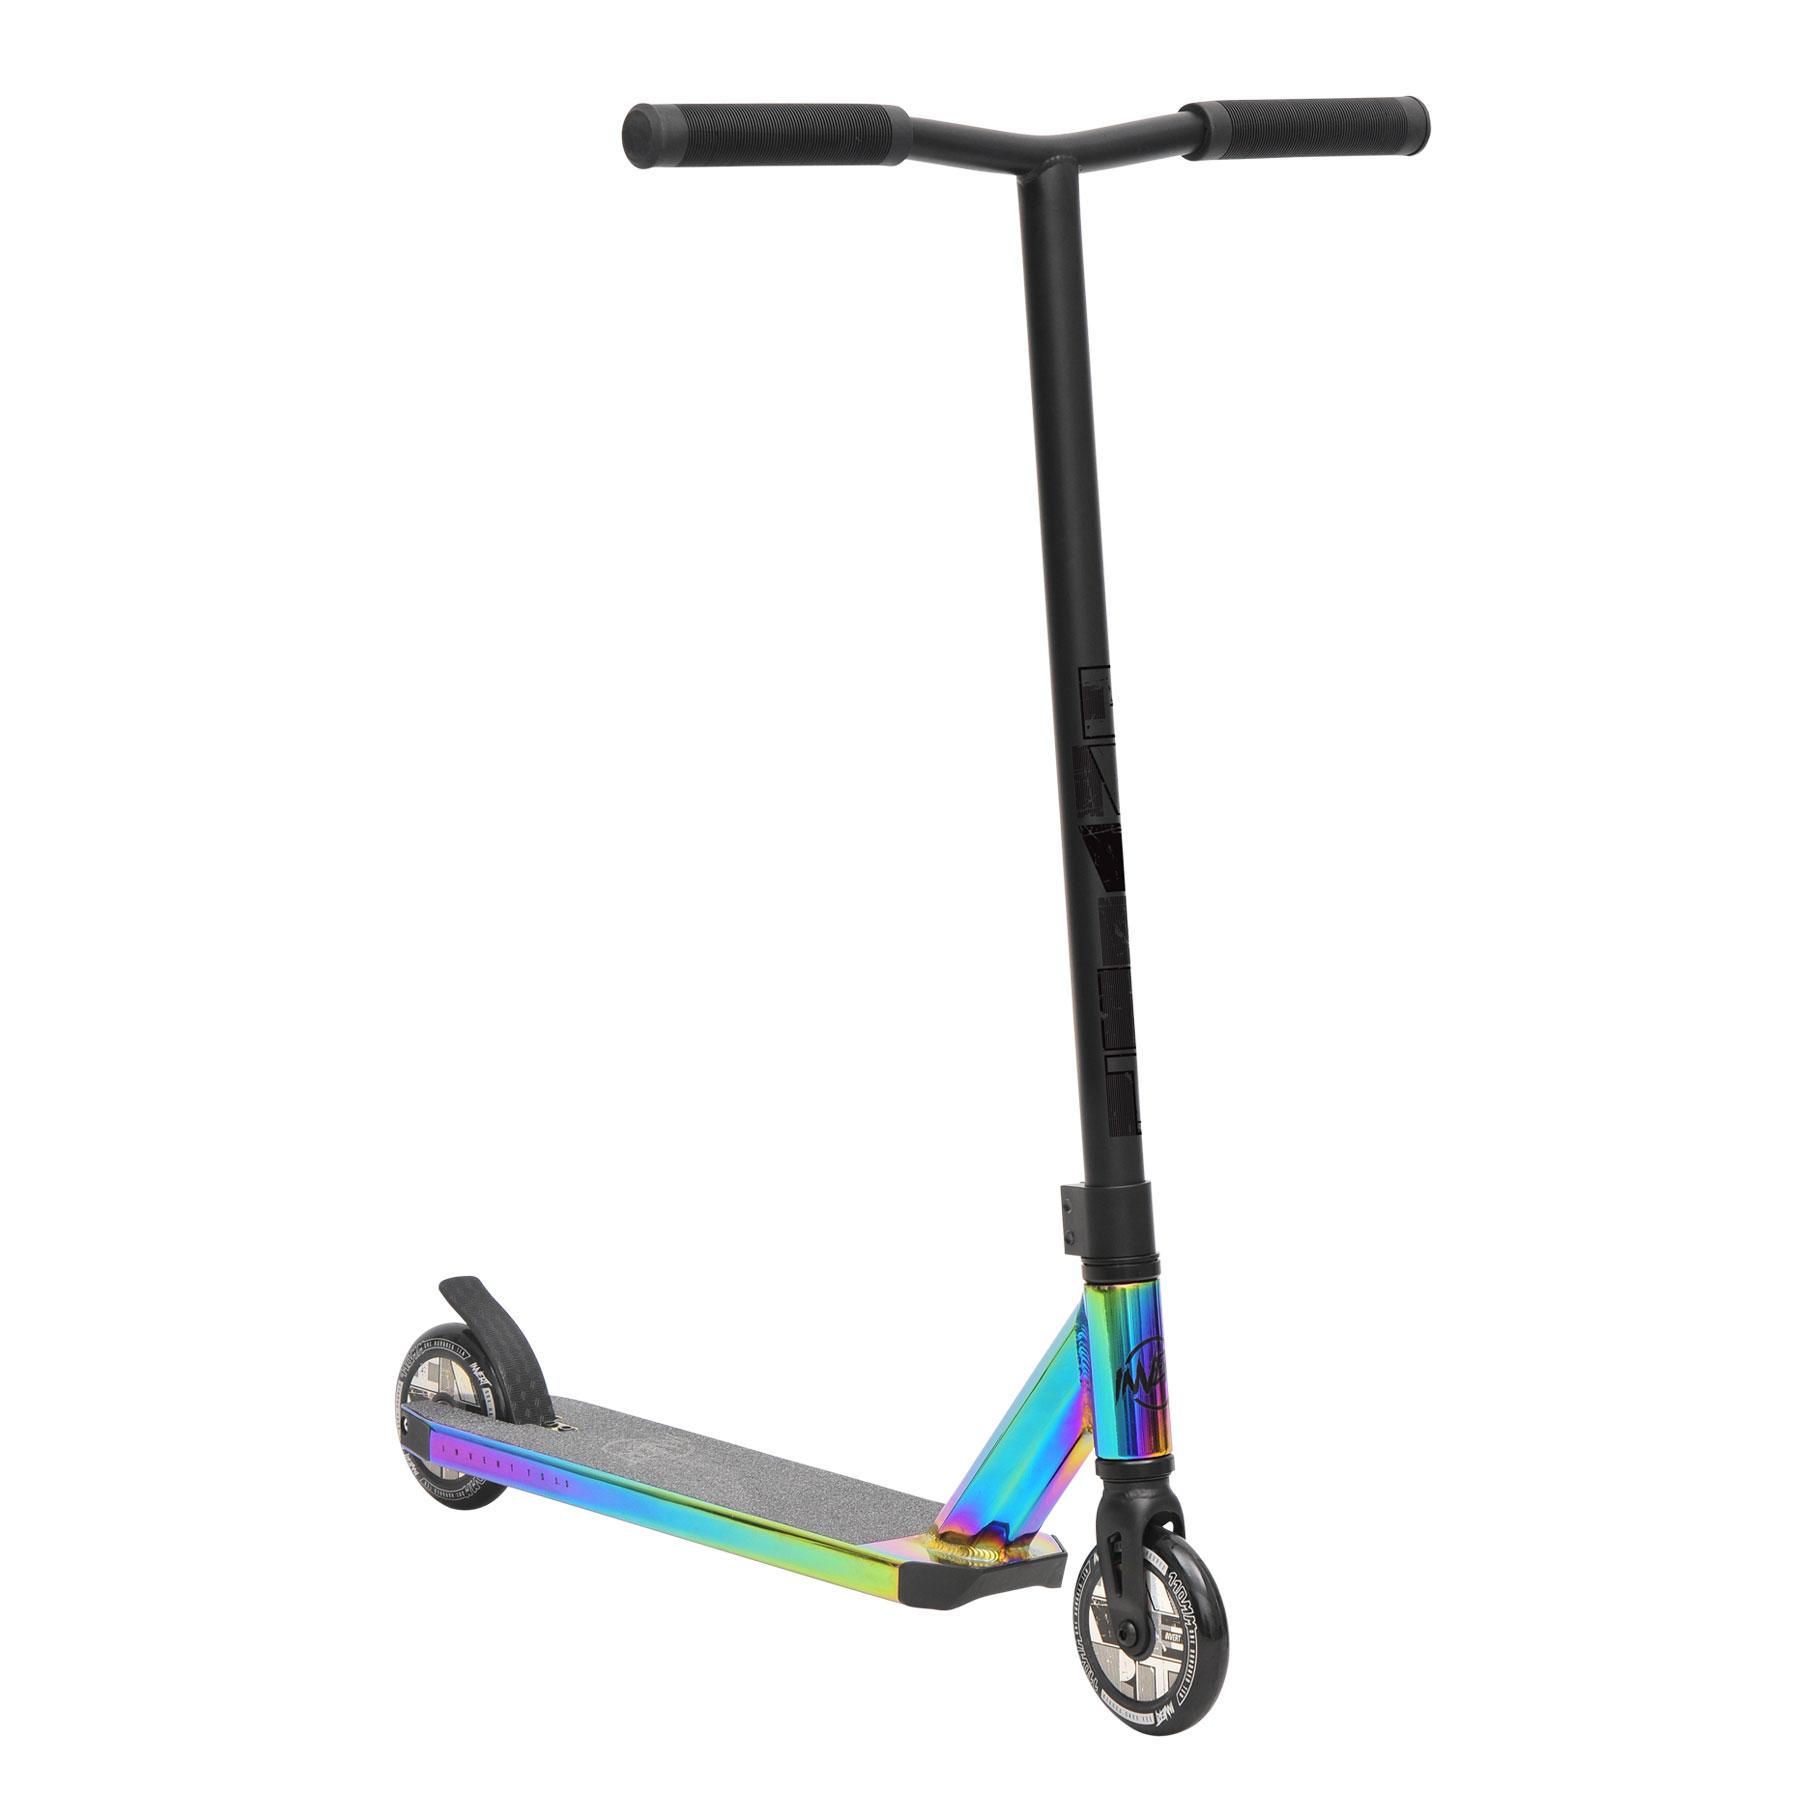 Invert Stunt Scooter V2-TS1.5 Neo chrome